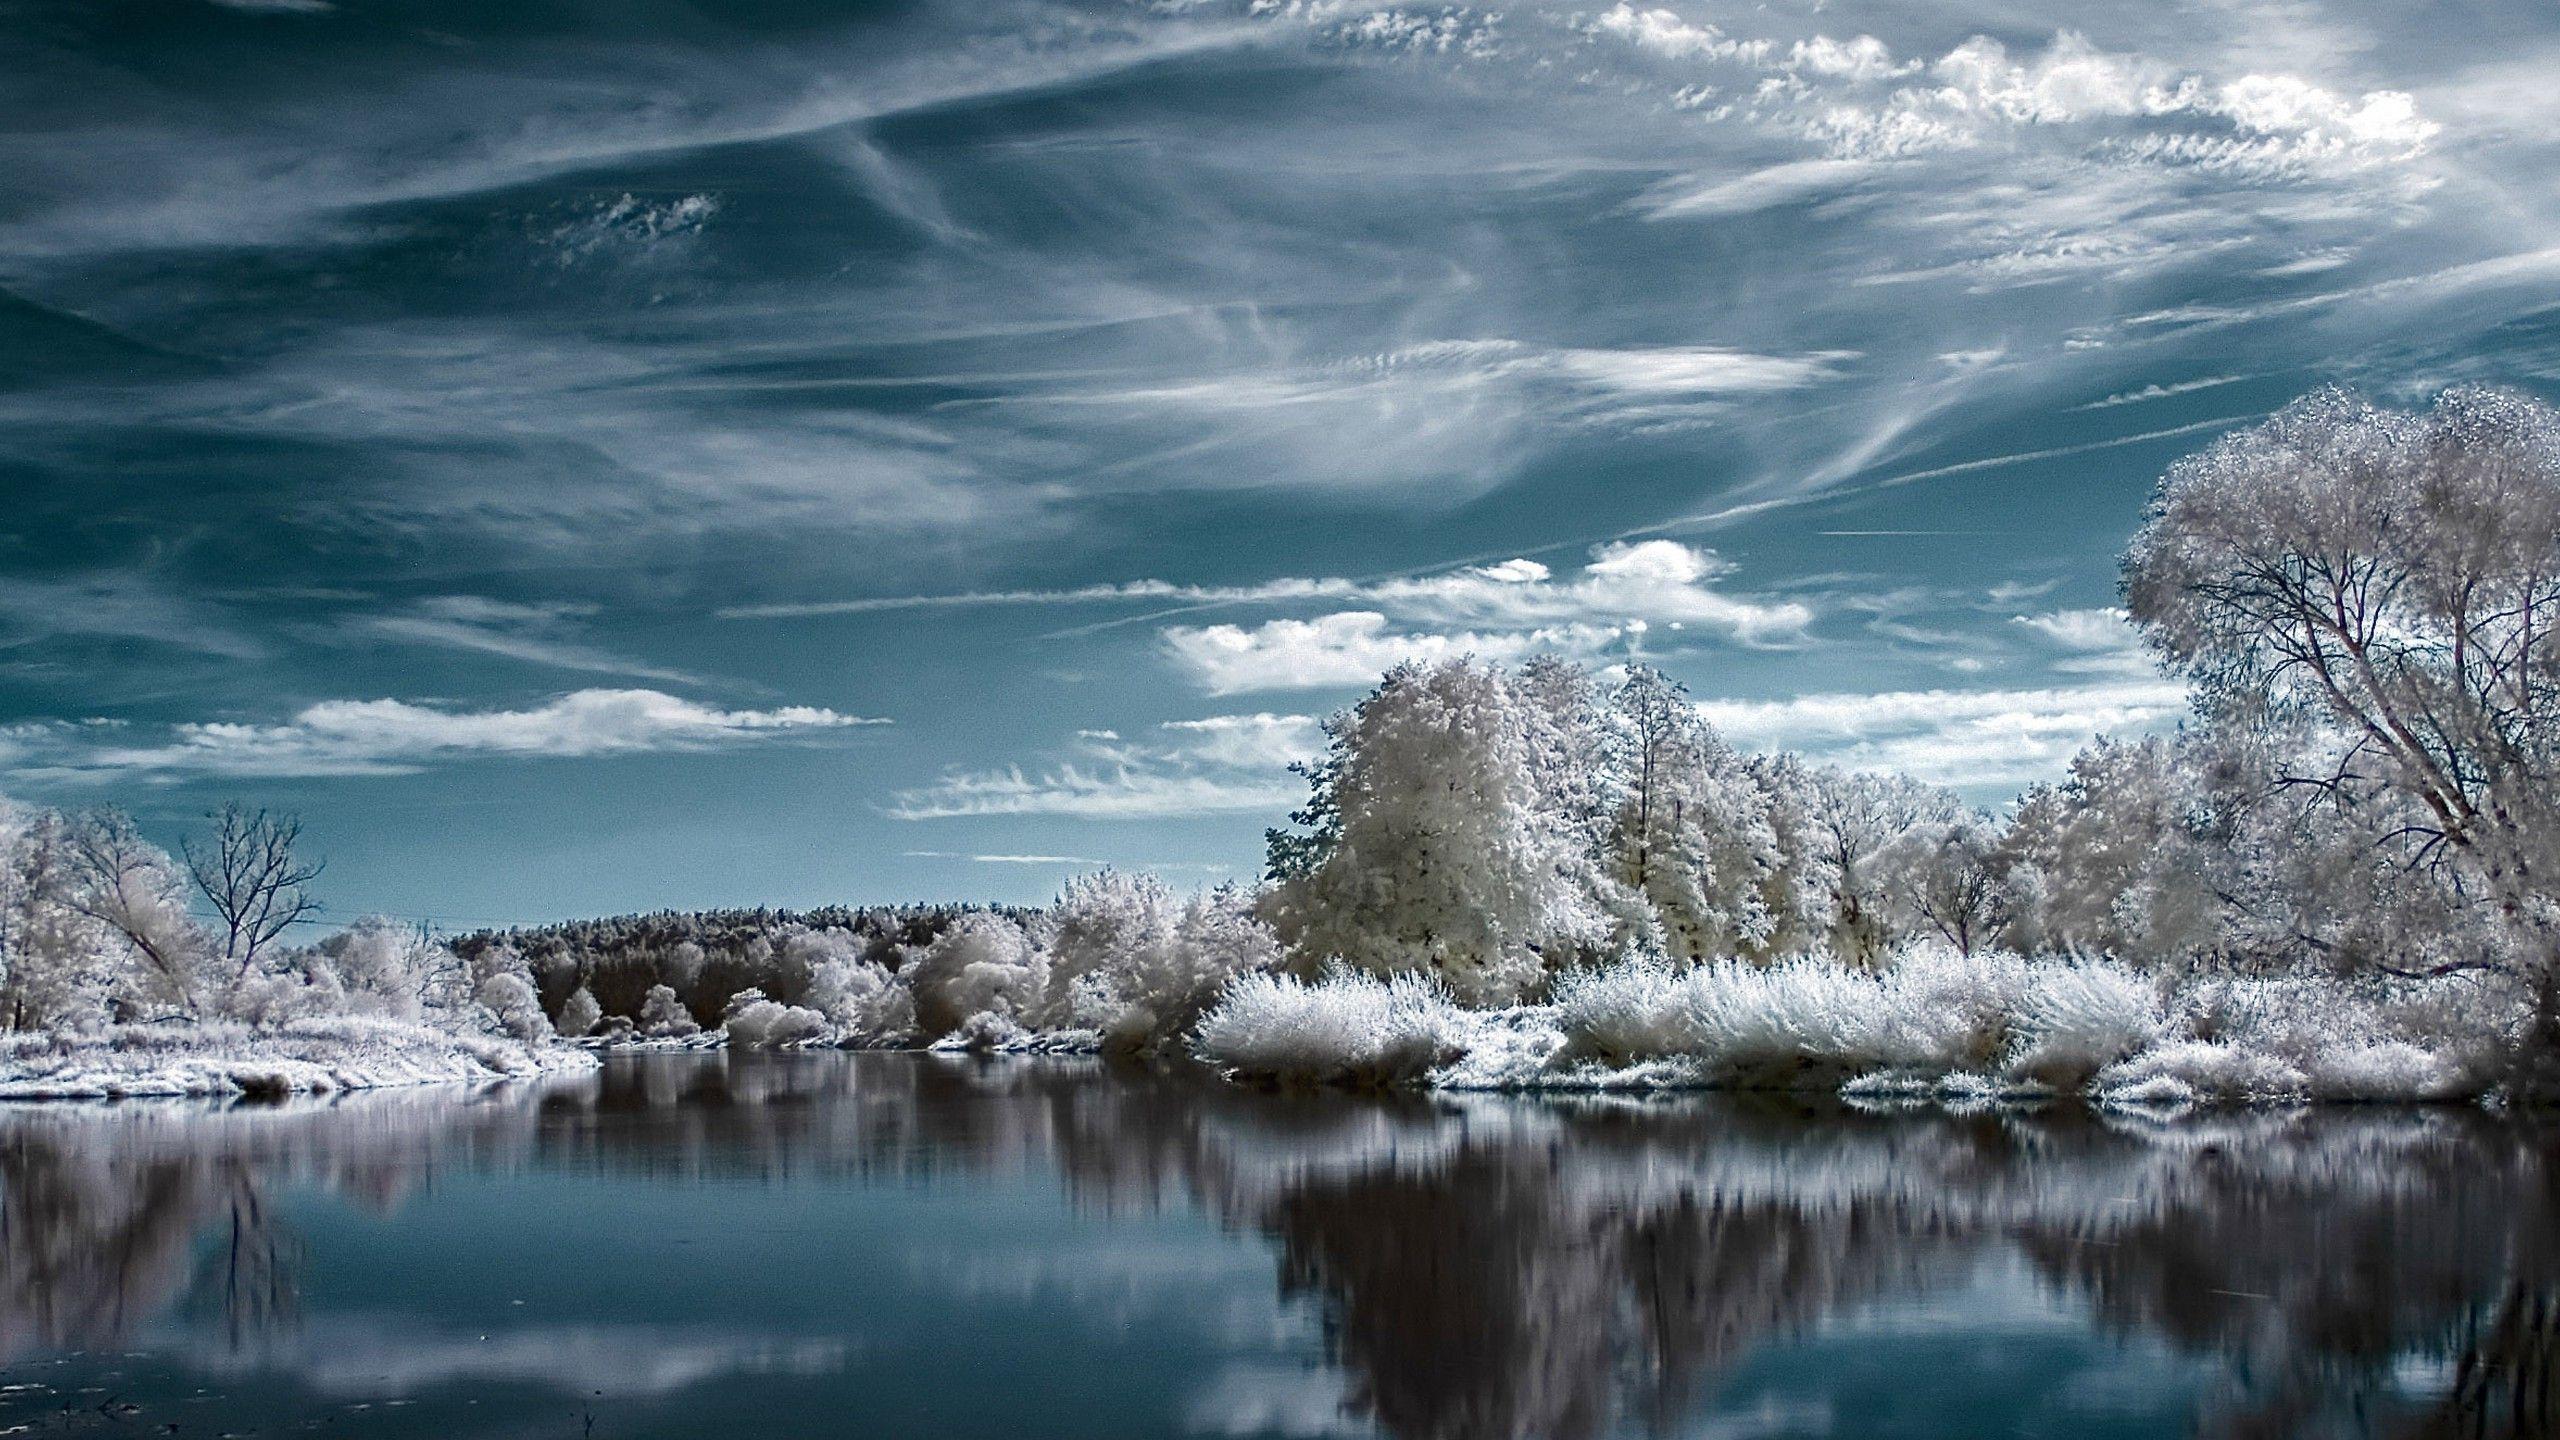 snow landscape backgrounds - photo #42